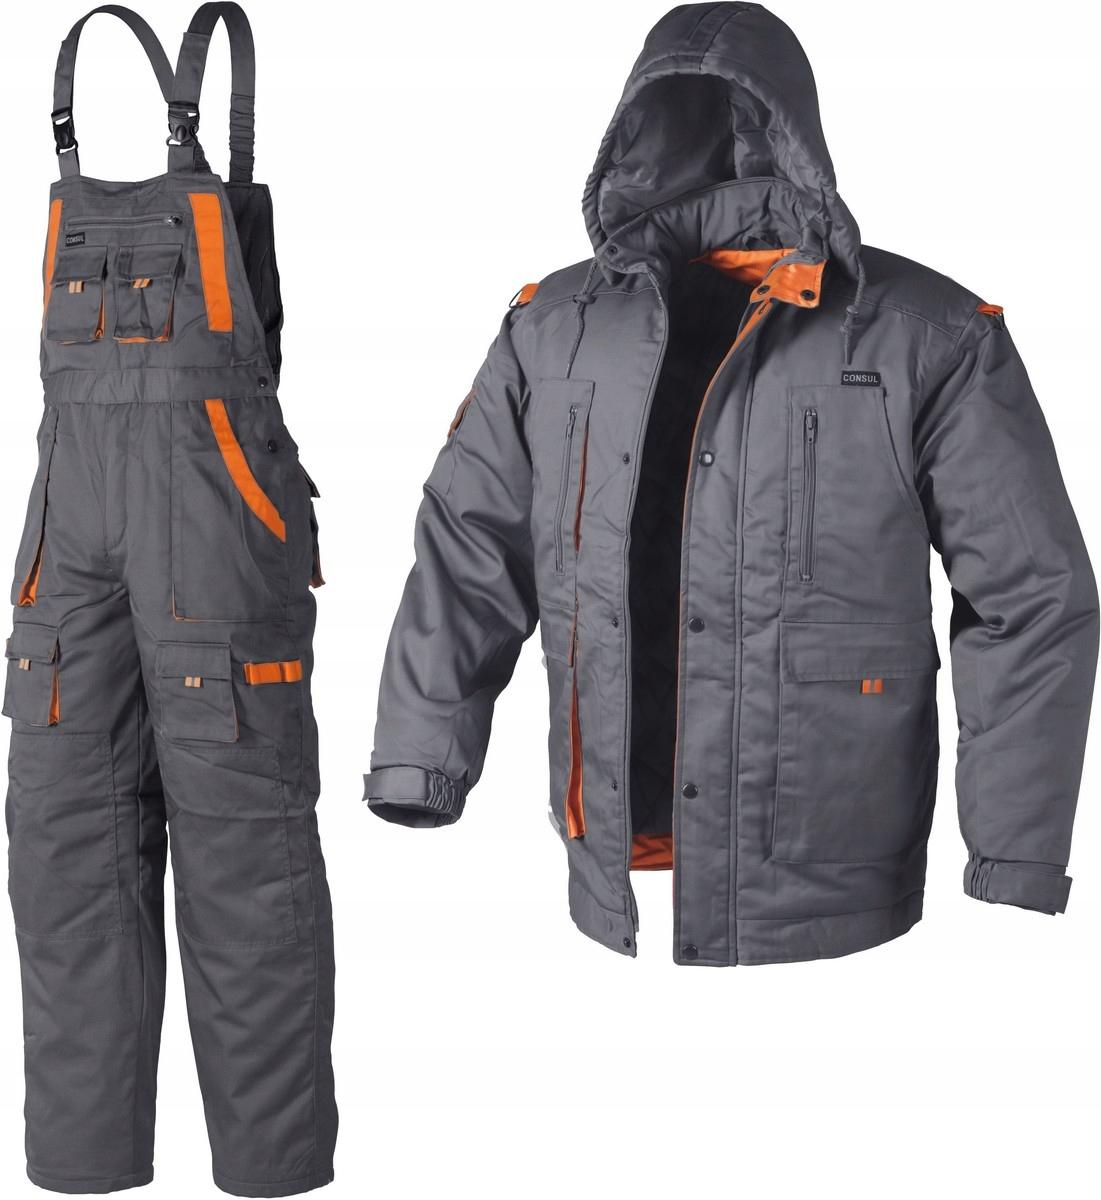 a87aed3265642 SUPER ubranie robocze OCIEPLANE bluza+ spodnie L - 7068638782 ...